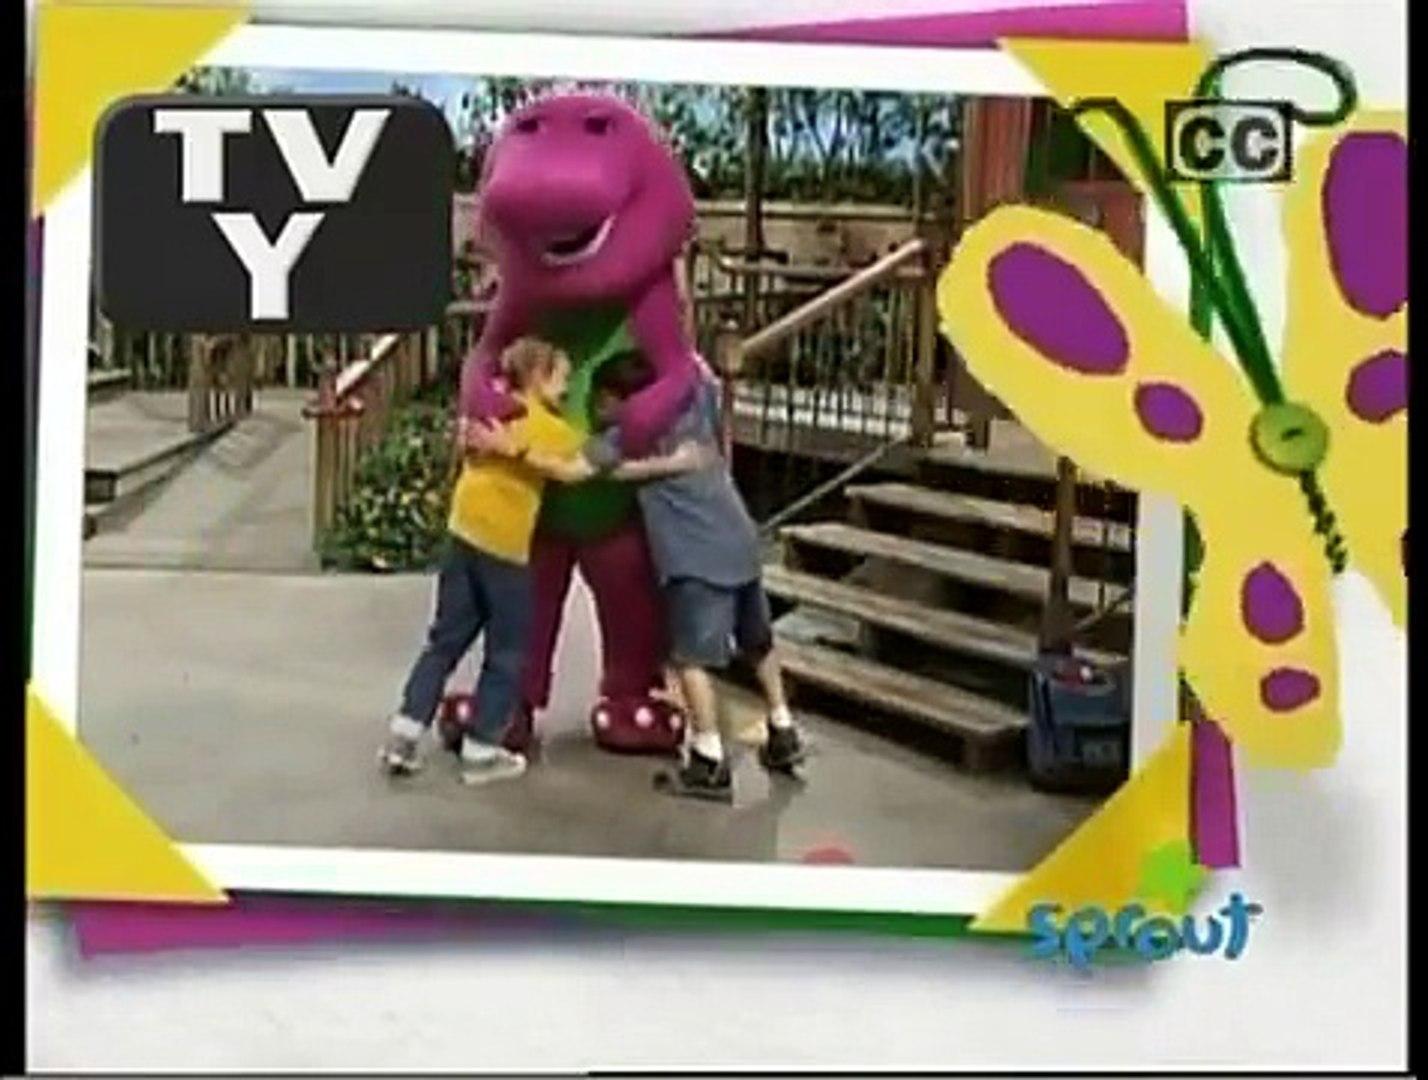 Barney & Friends: A New Friend (Season 7, Episode 10)